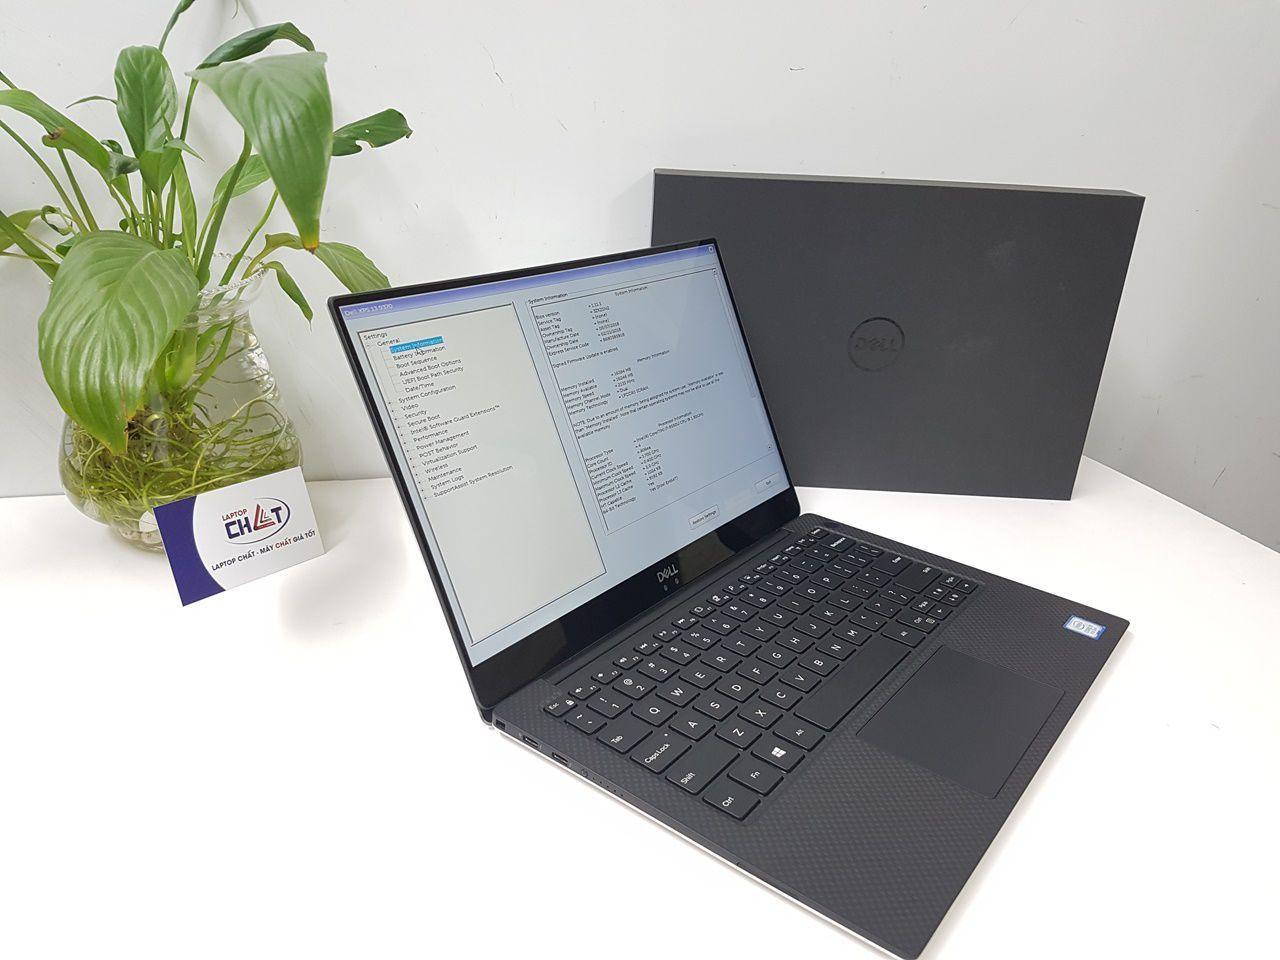 Dell-XPS-13-9370-i7-1